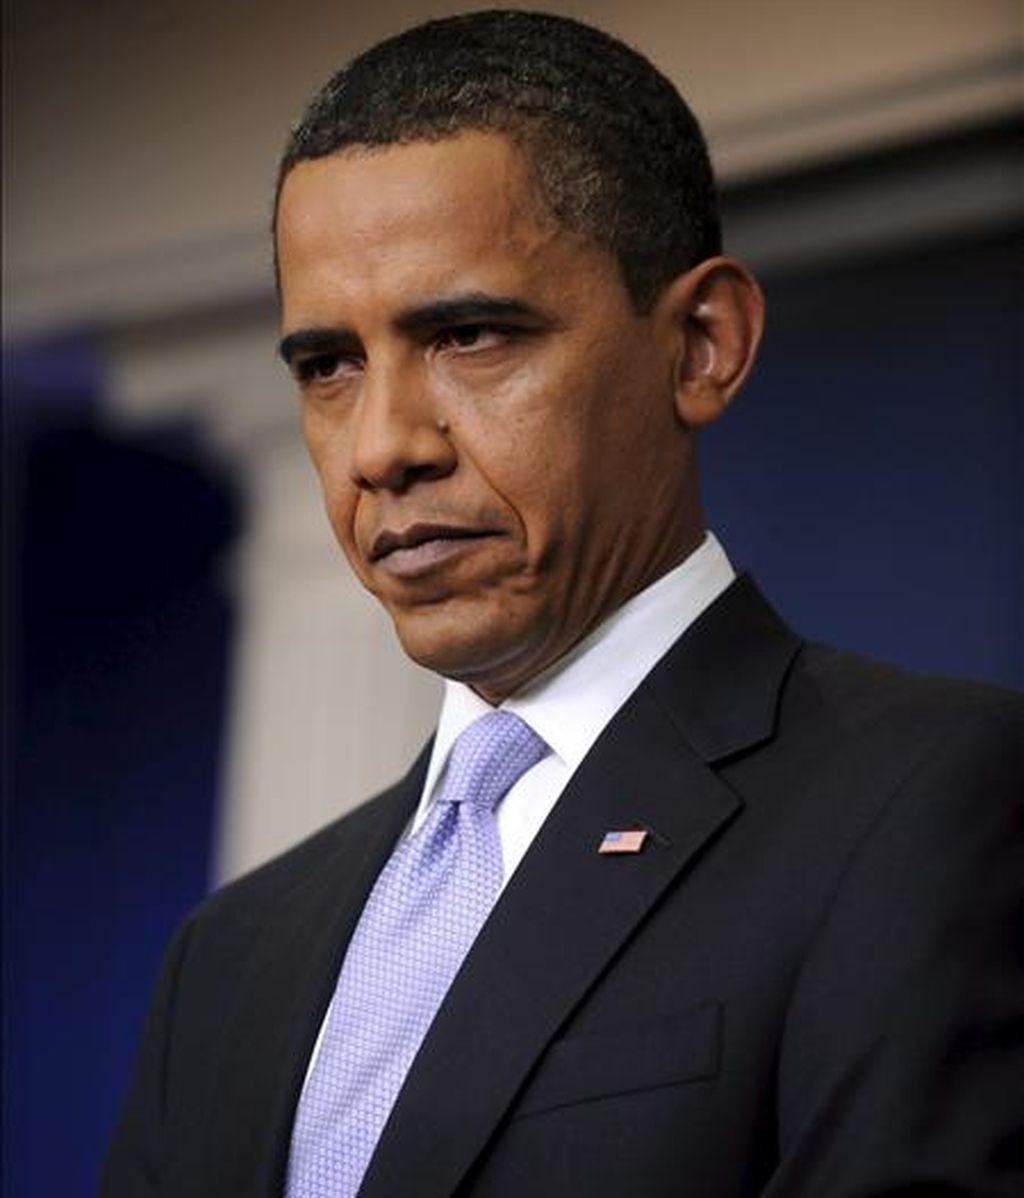 """El presidente de Estados Unidos, Barack Obama, se declaró """"escandalizado"""" por la represión contra los manifestantes en Irán y expresó su """"fuerte condena a estas acciones injustas"""". EFE"""